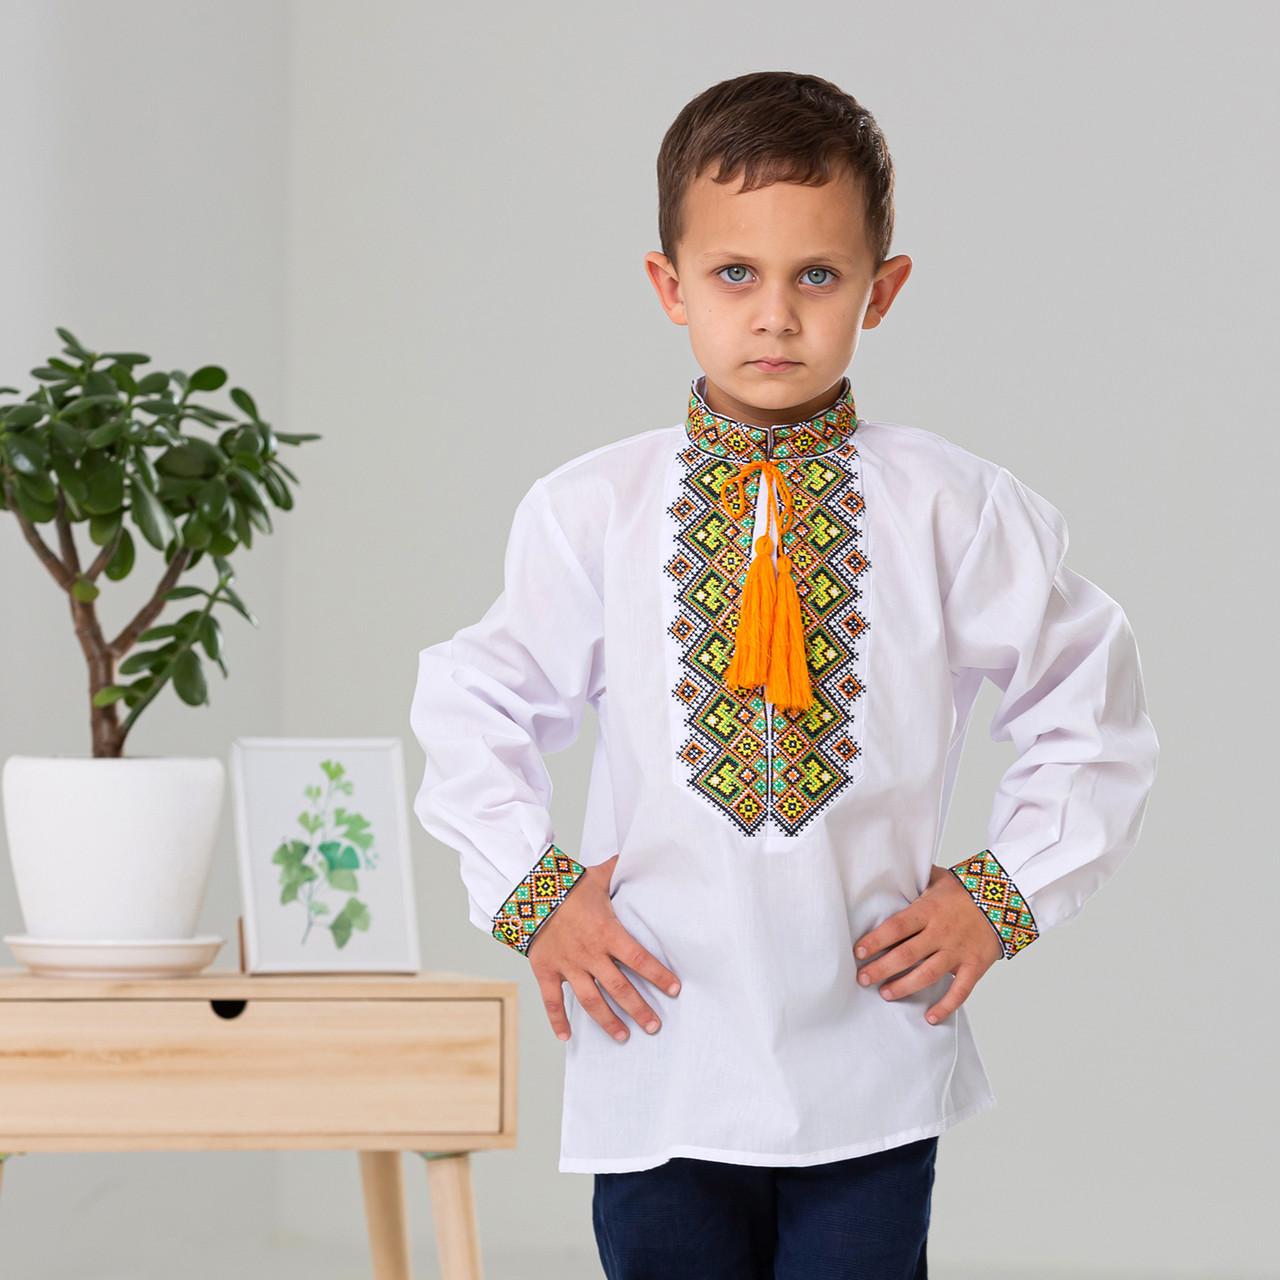 Вышиванка для мальчика с ярким  орнаментом